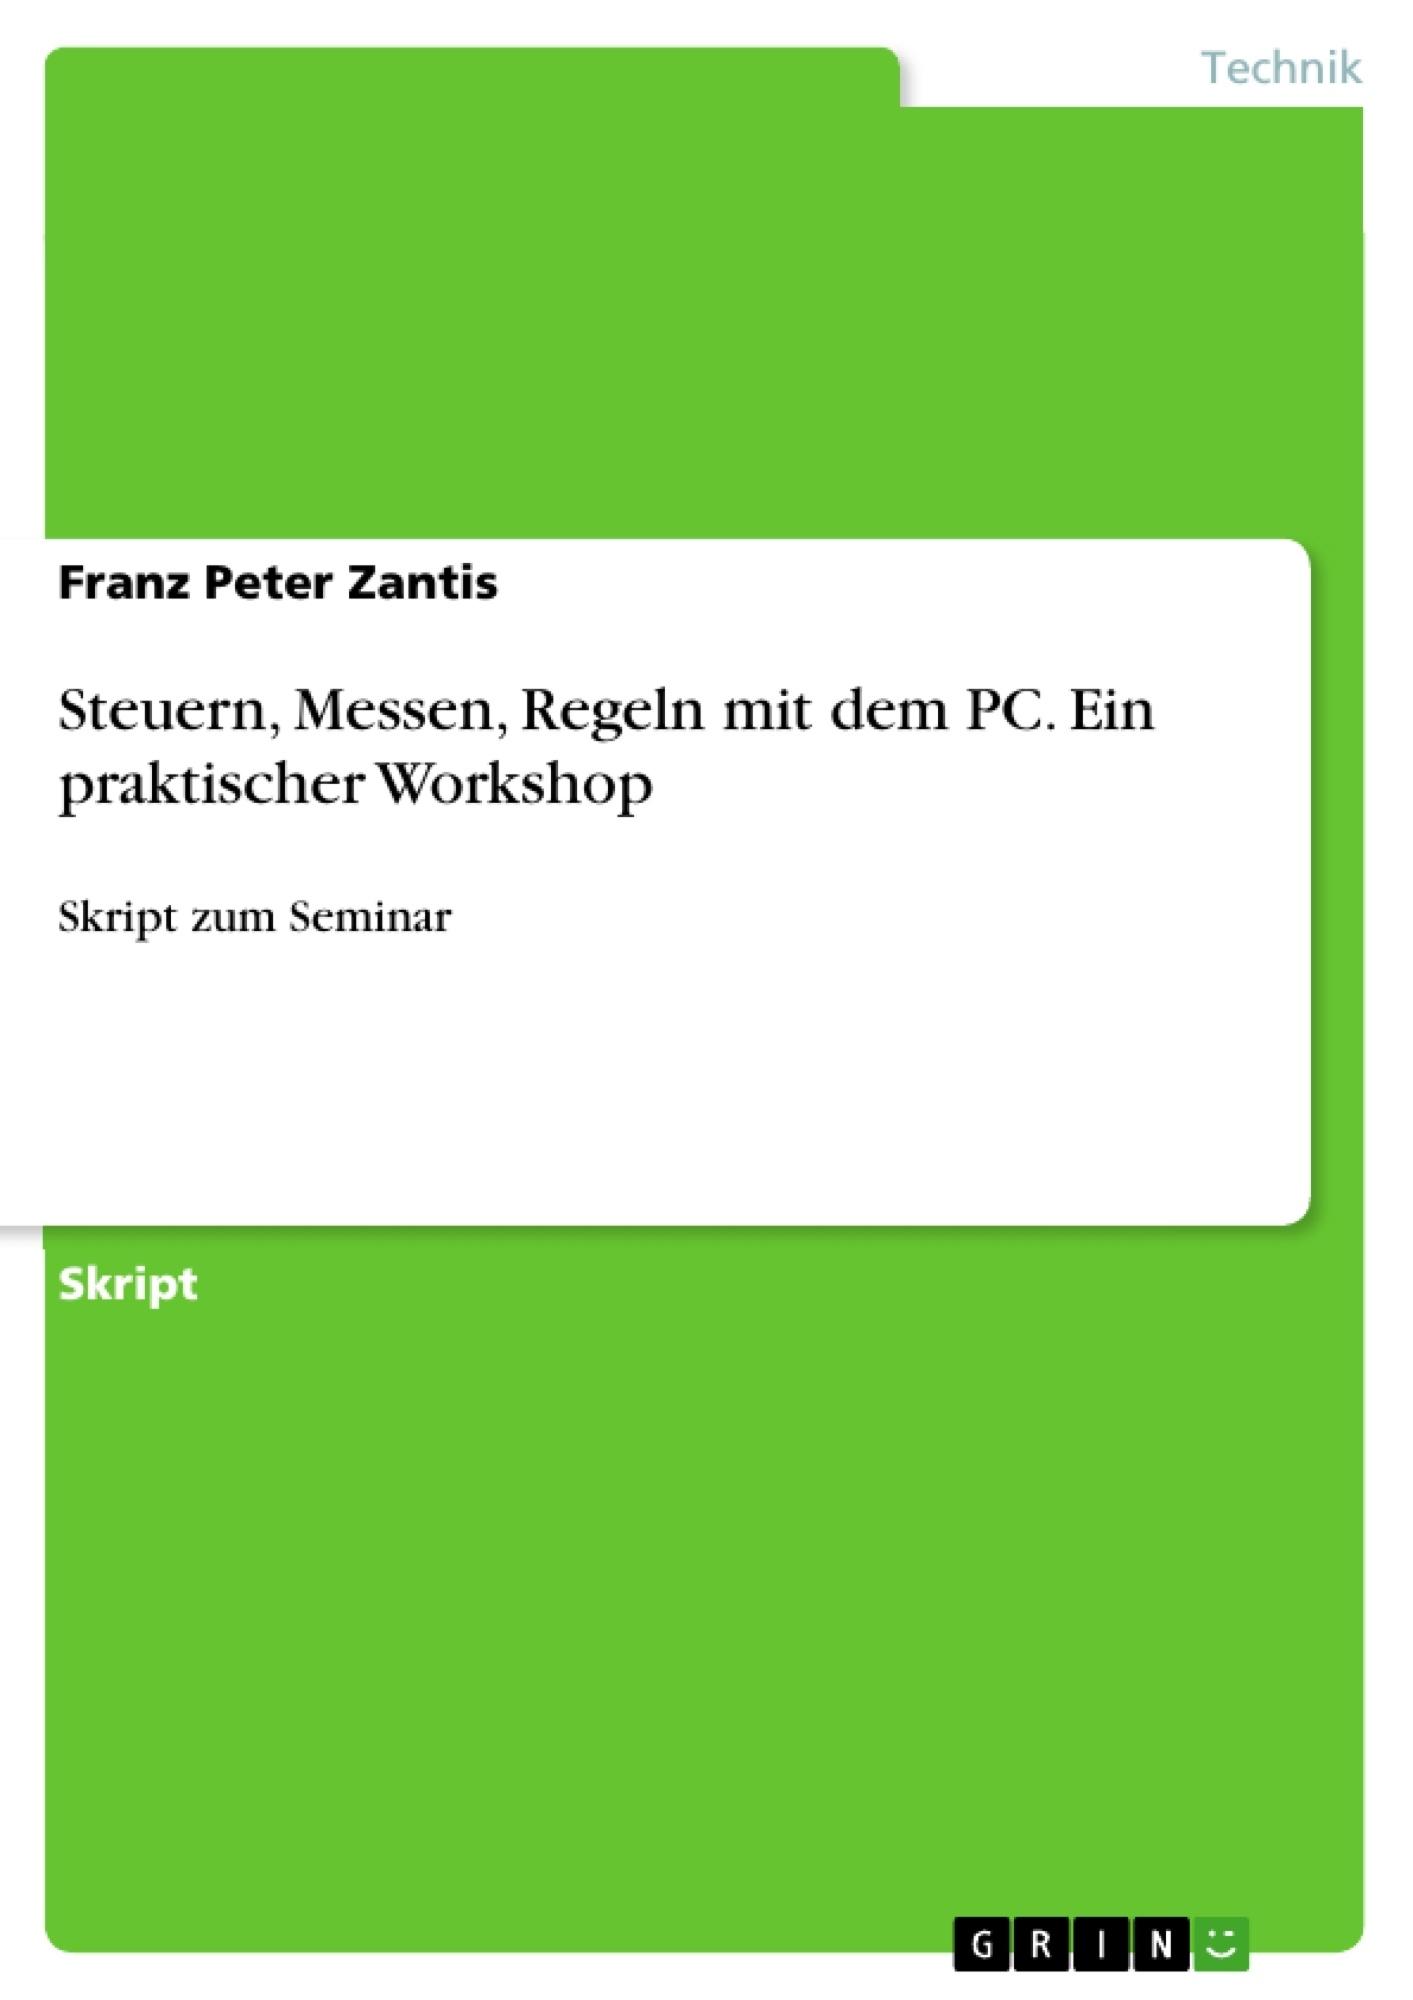 Titel: Steuern, Messen, Regeln mit dem PC. Ein praktischer Workshop